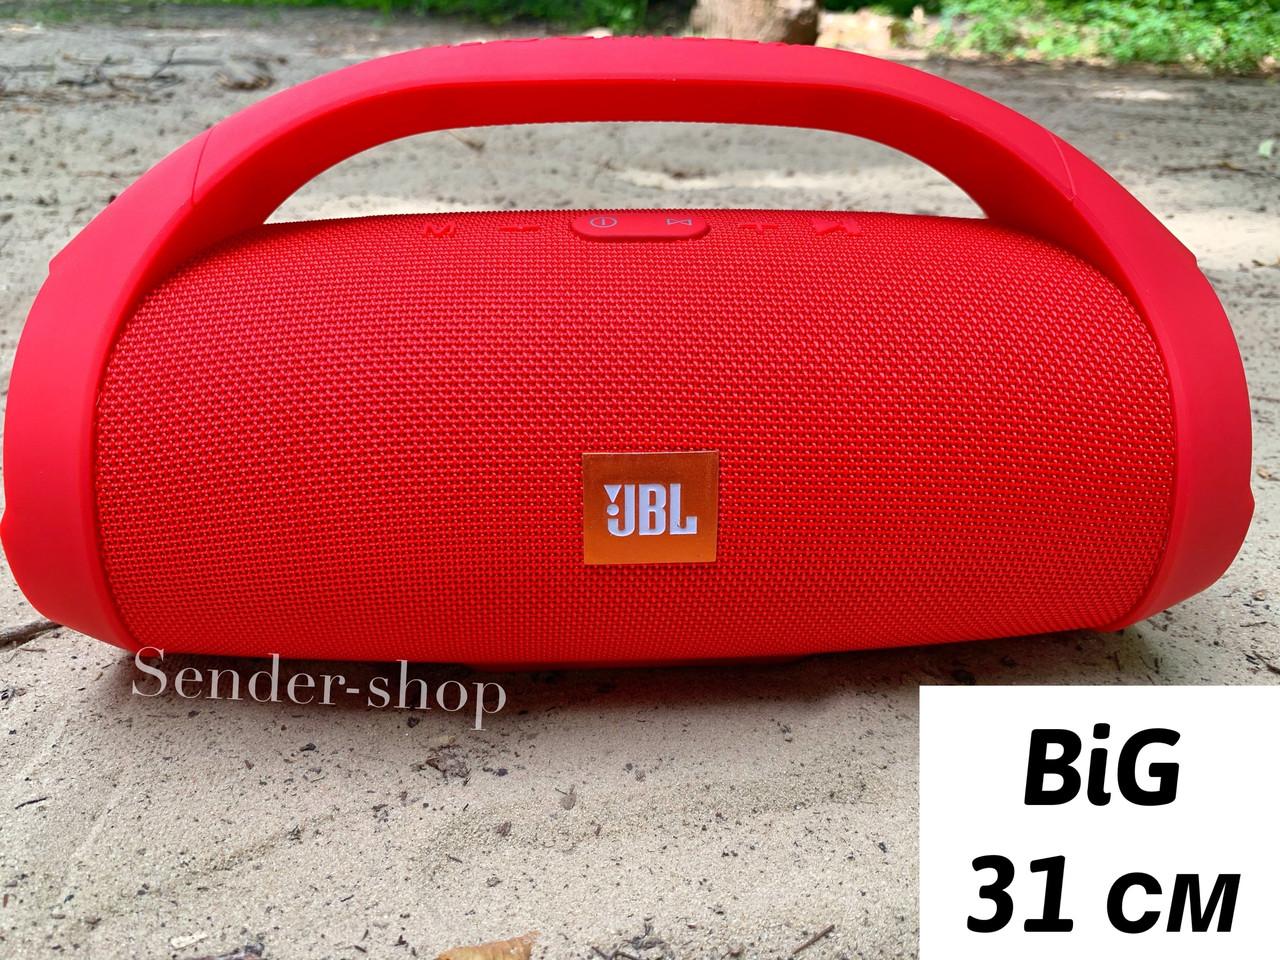 Колонка JBL Boombox BIG 40 Вт ( 31 см ) Бумбокс Большой Красный